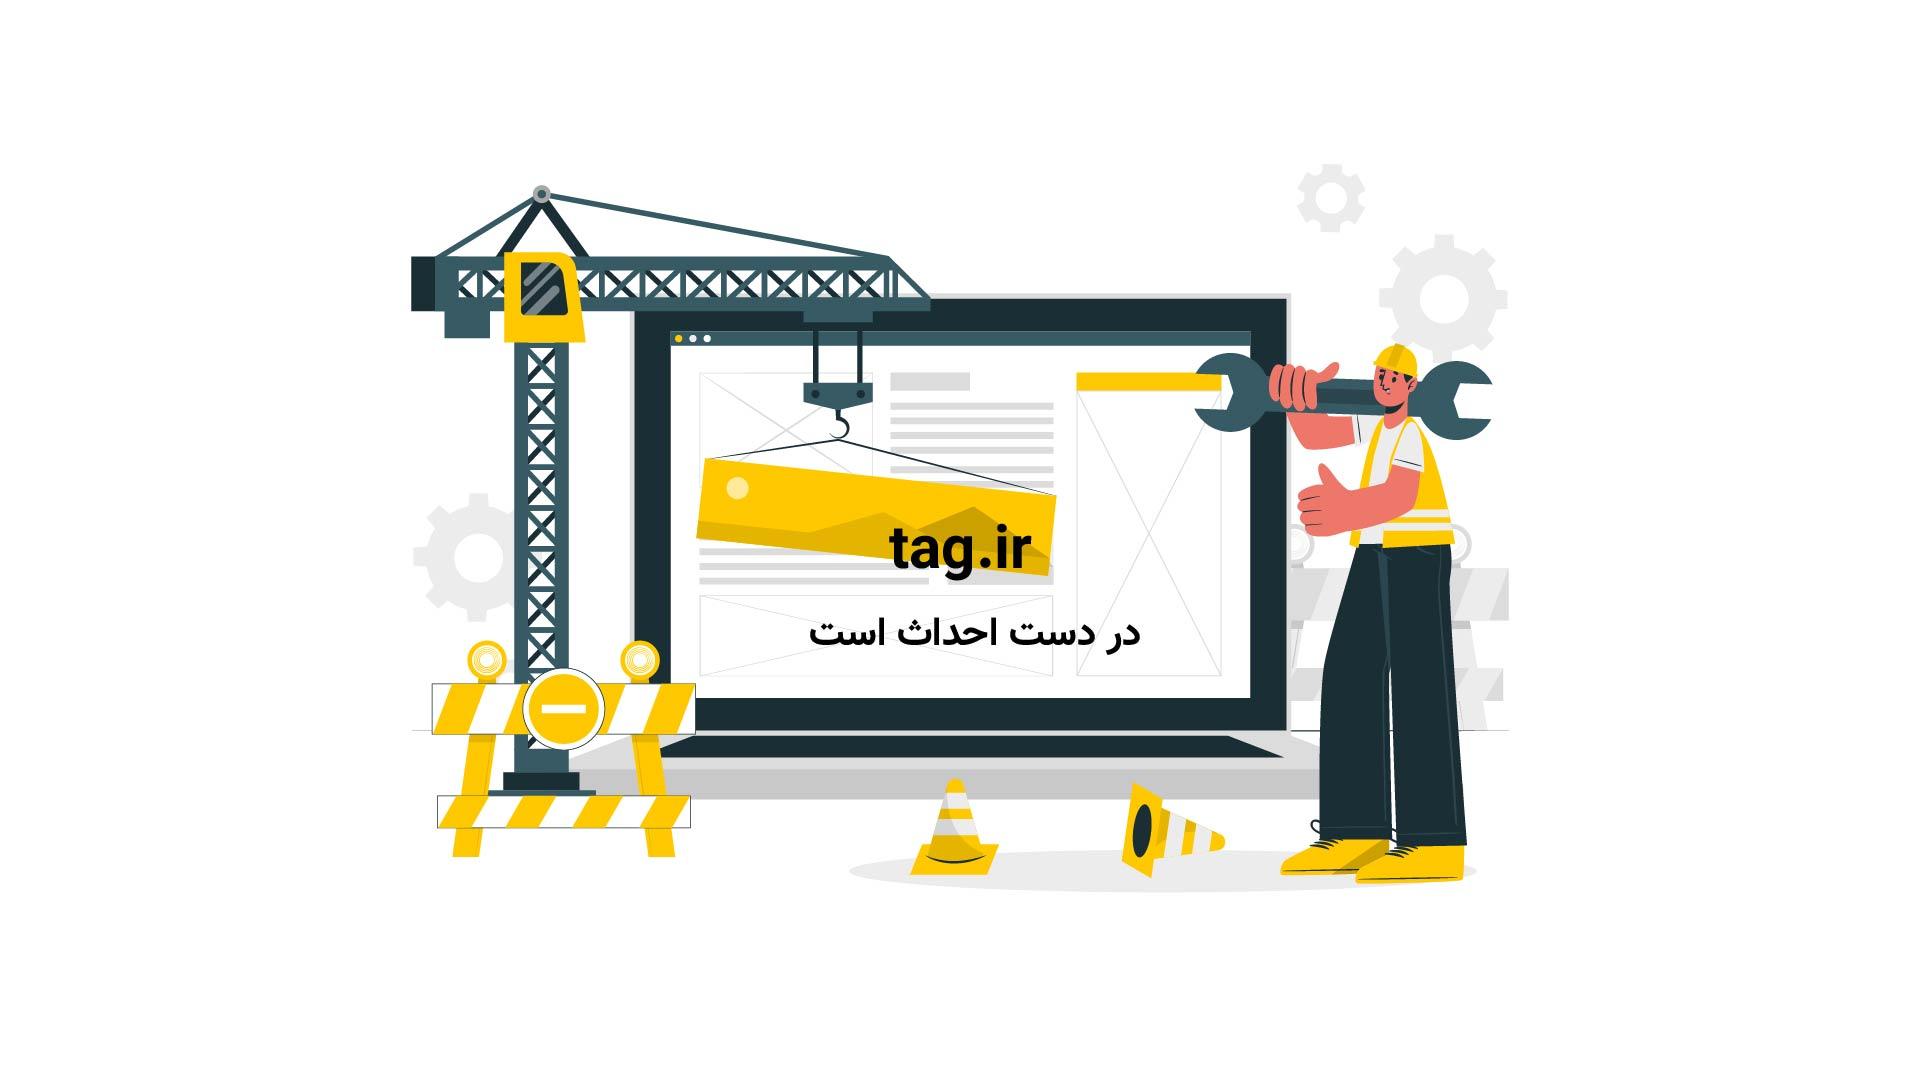 گربه و فیلم ترسناک | تگ